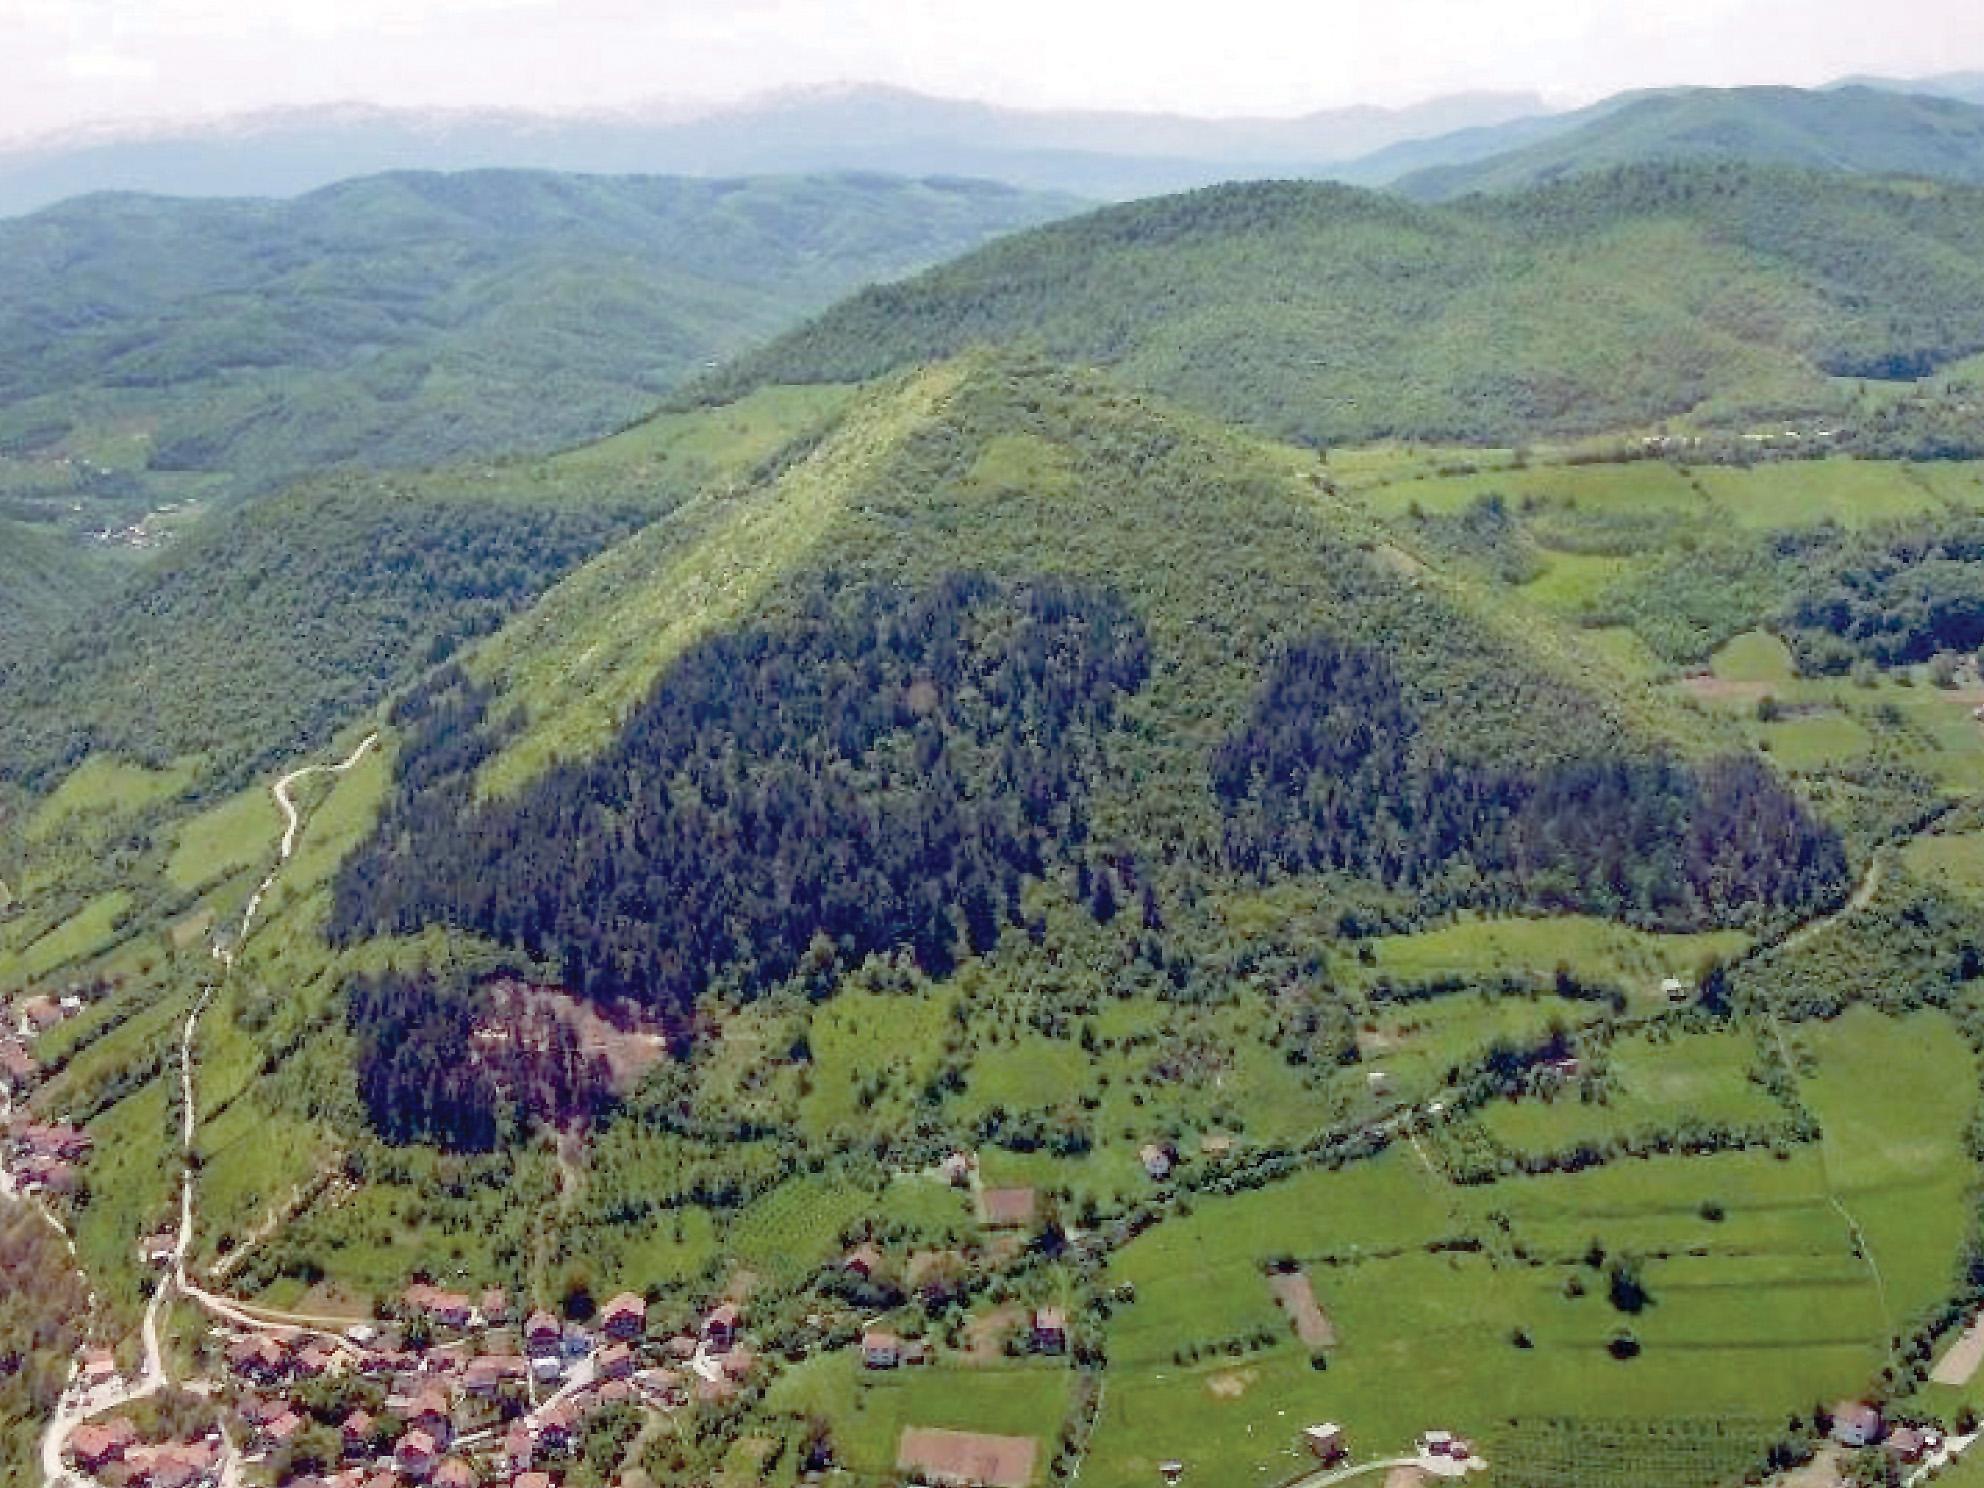 Karbon társkereső boszniai piramis